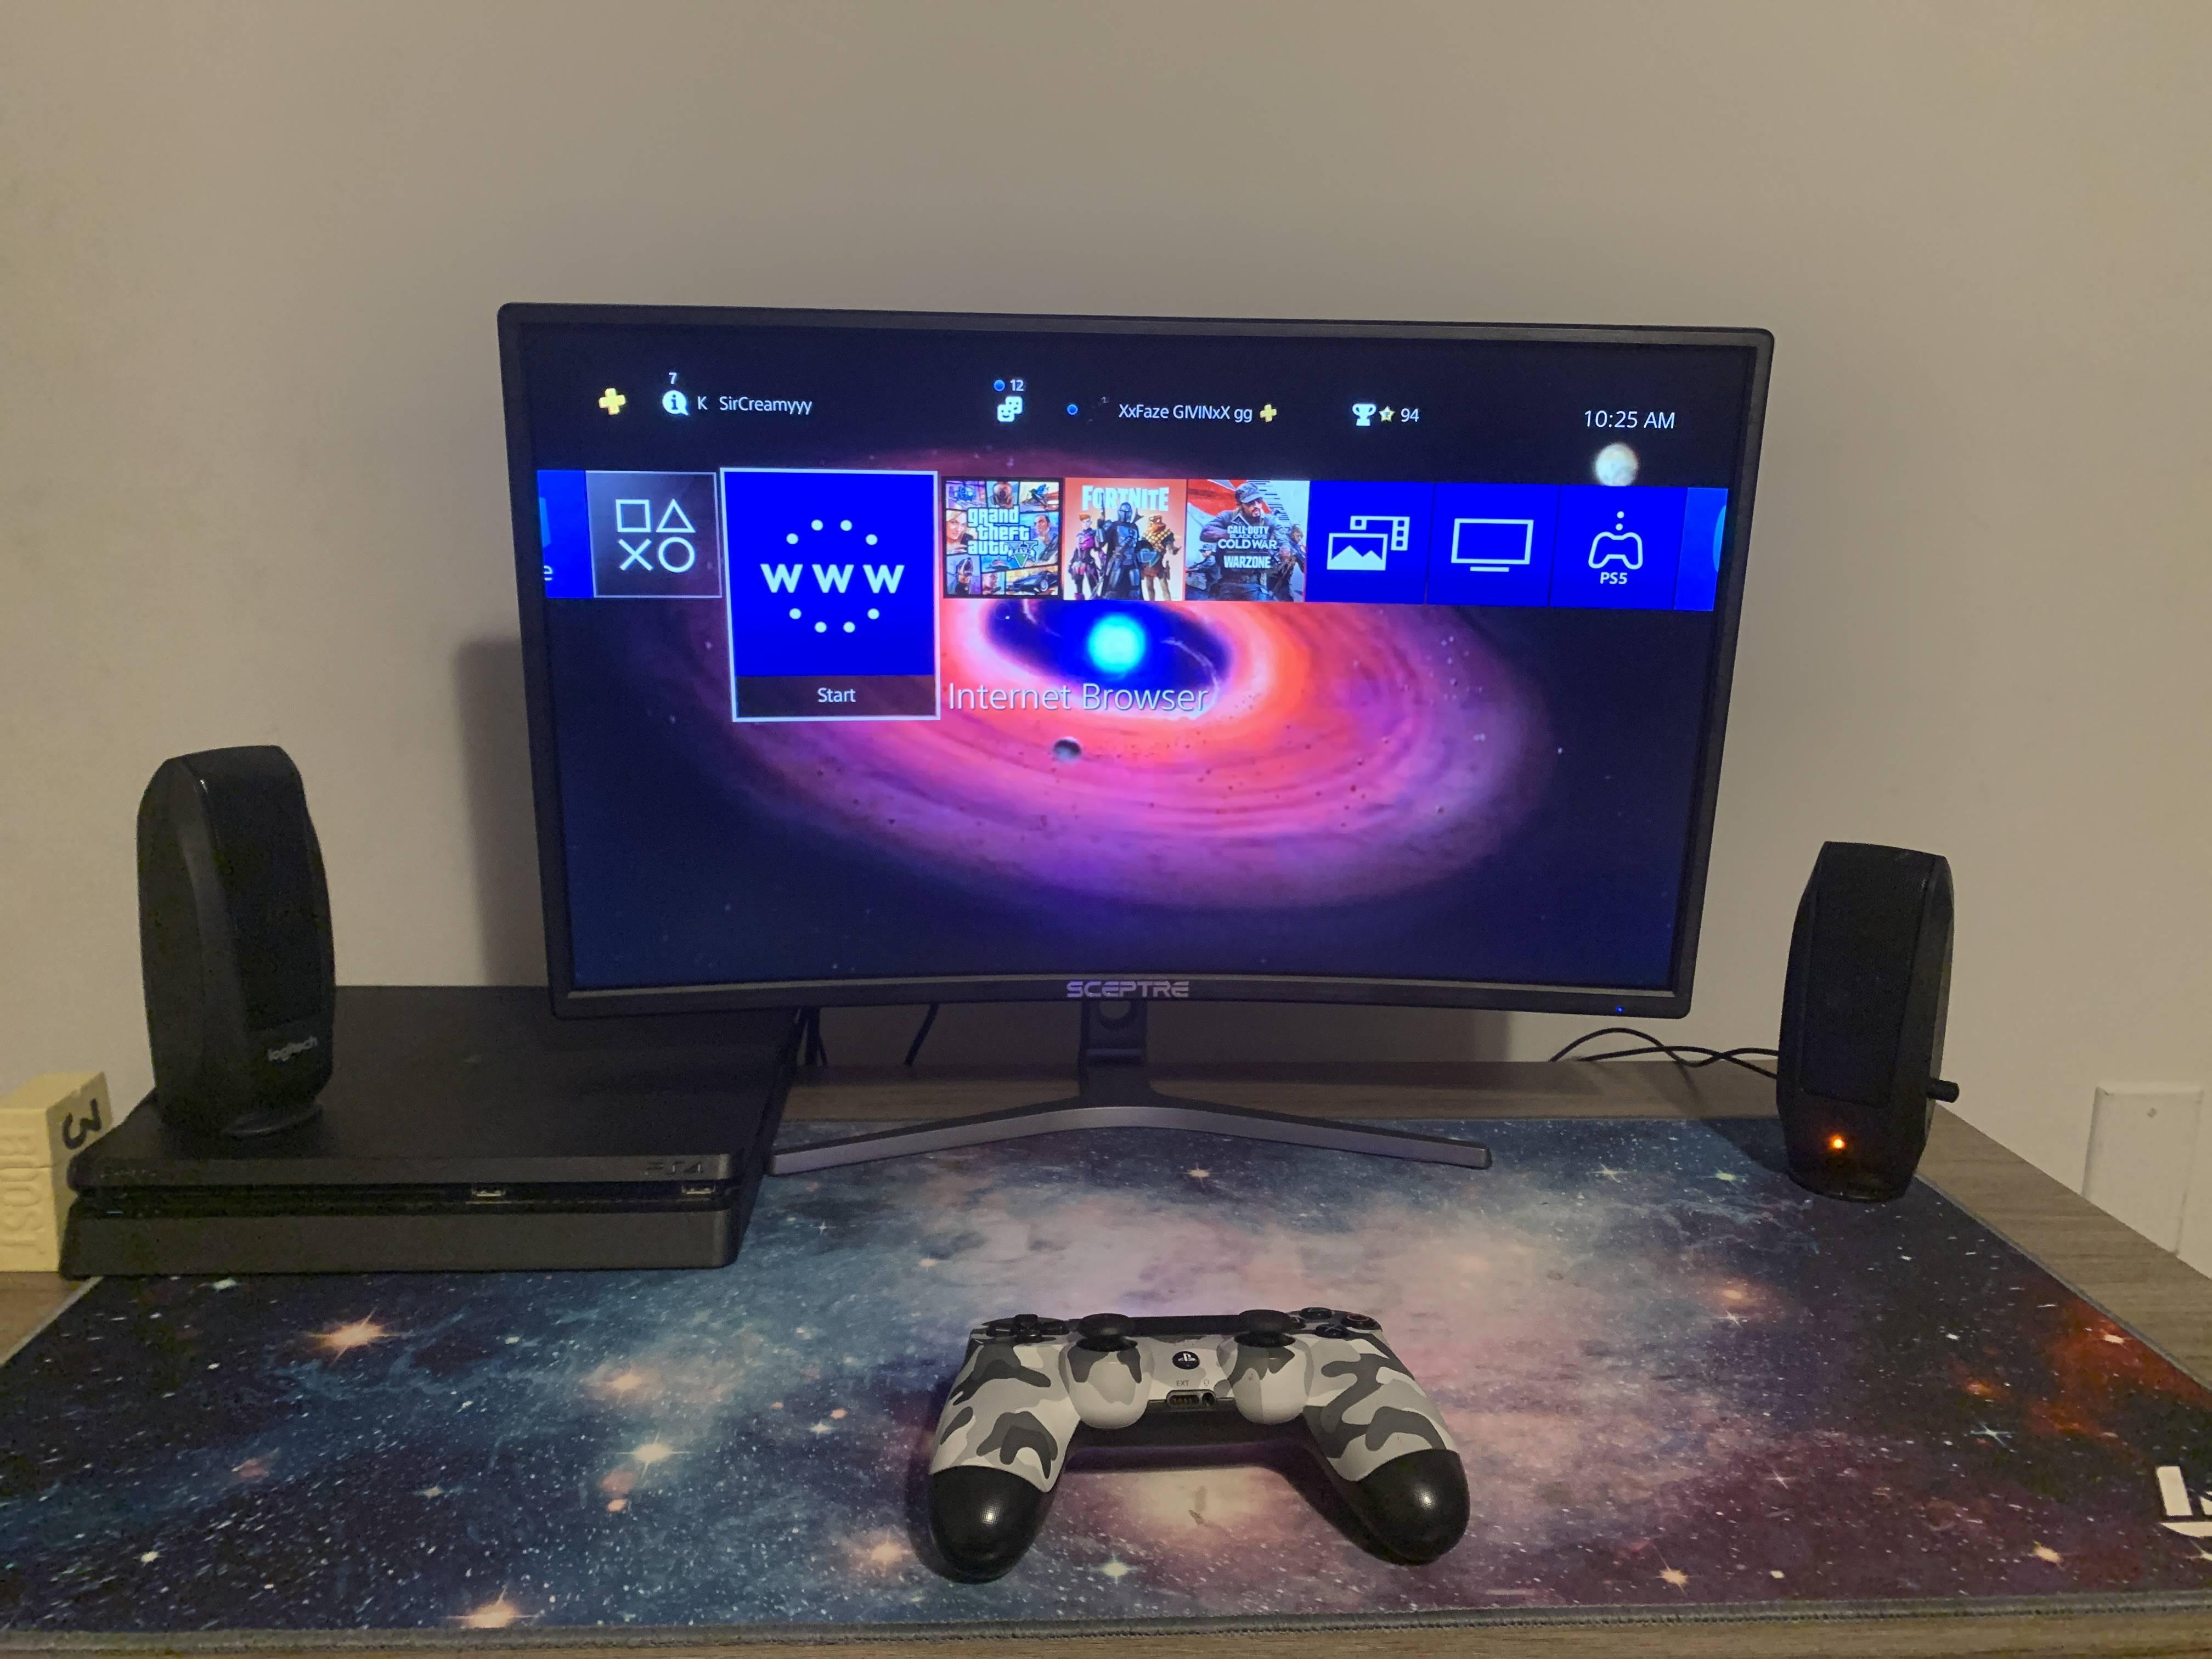 Givin13's Setup - Space setup  | Scooget